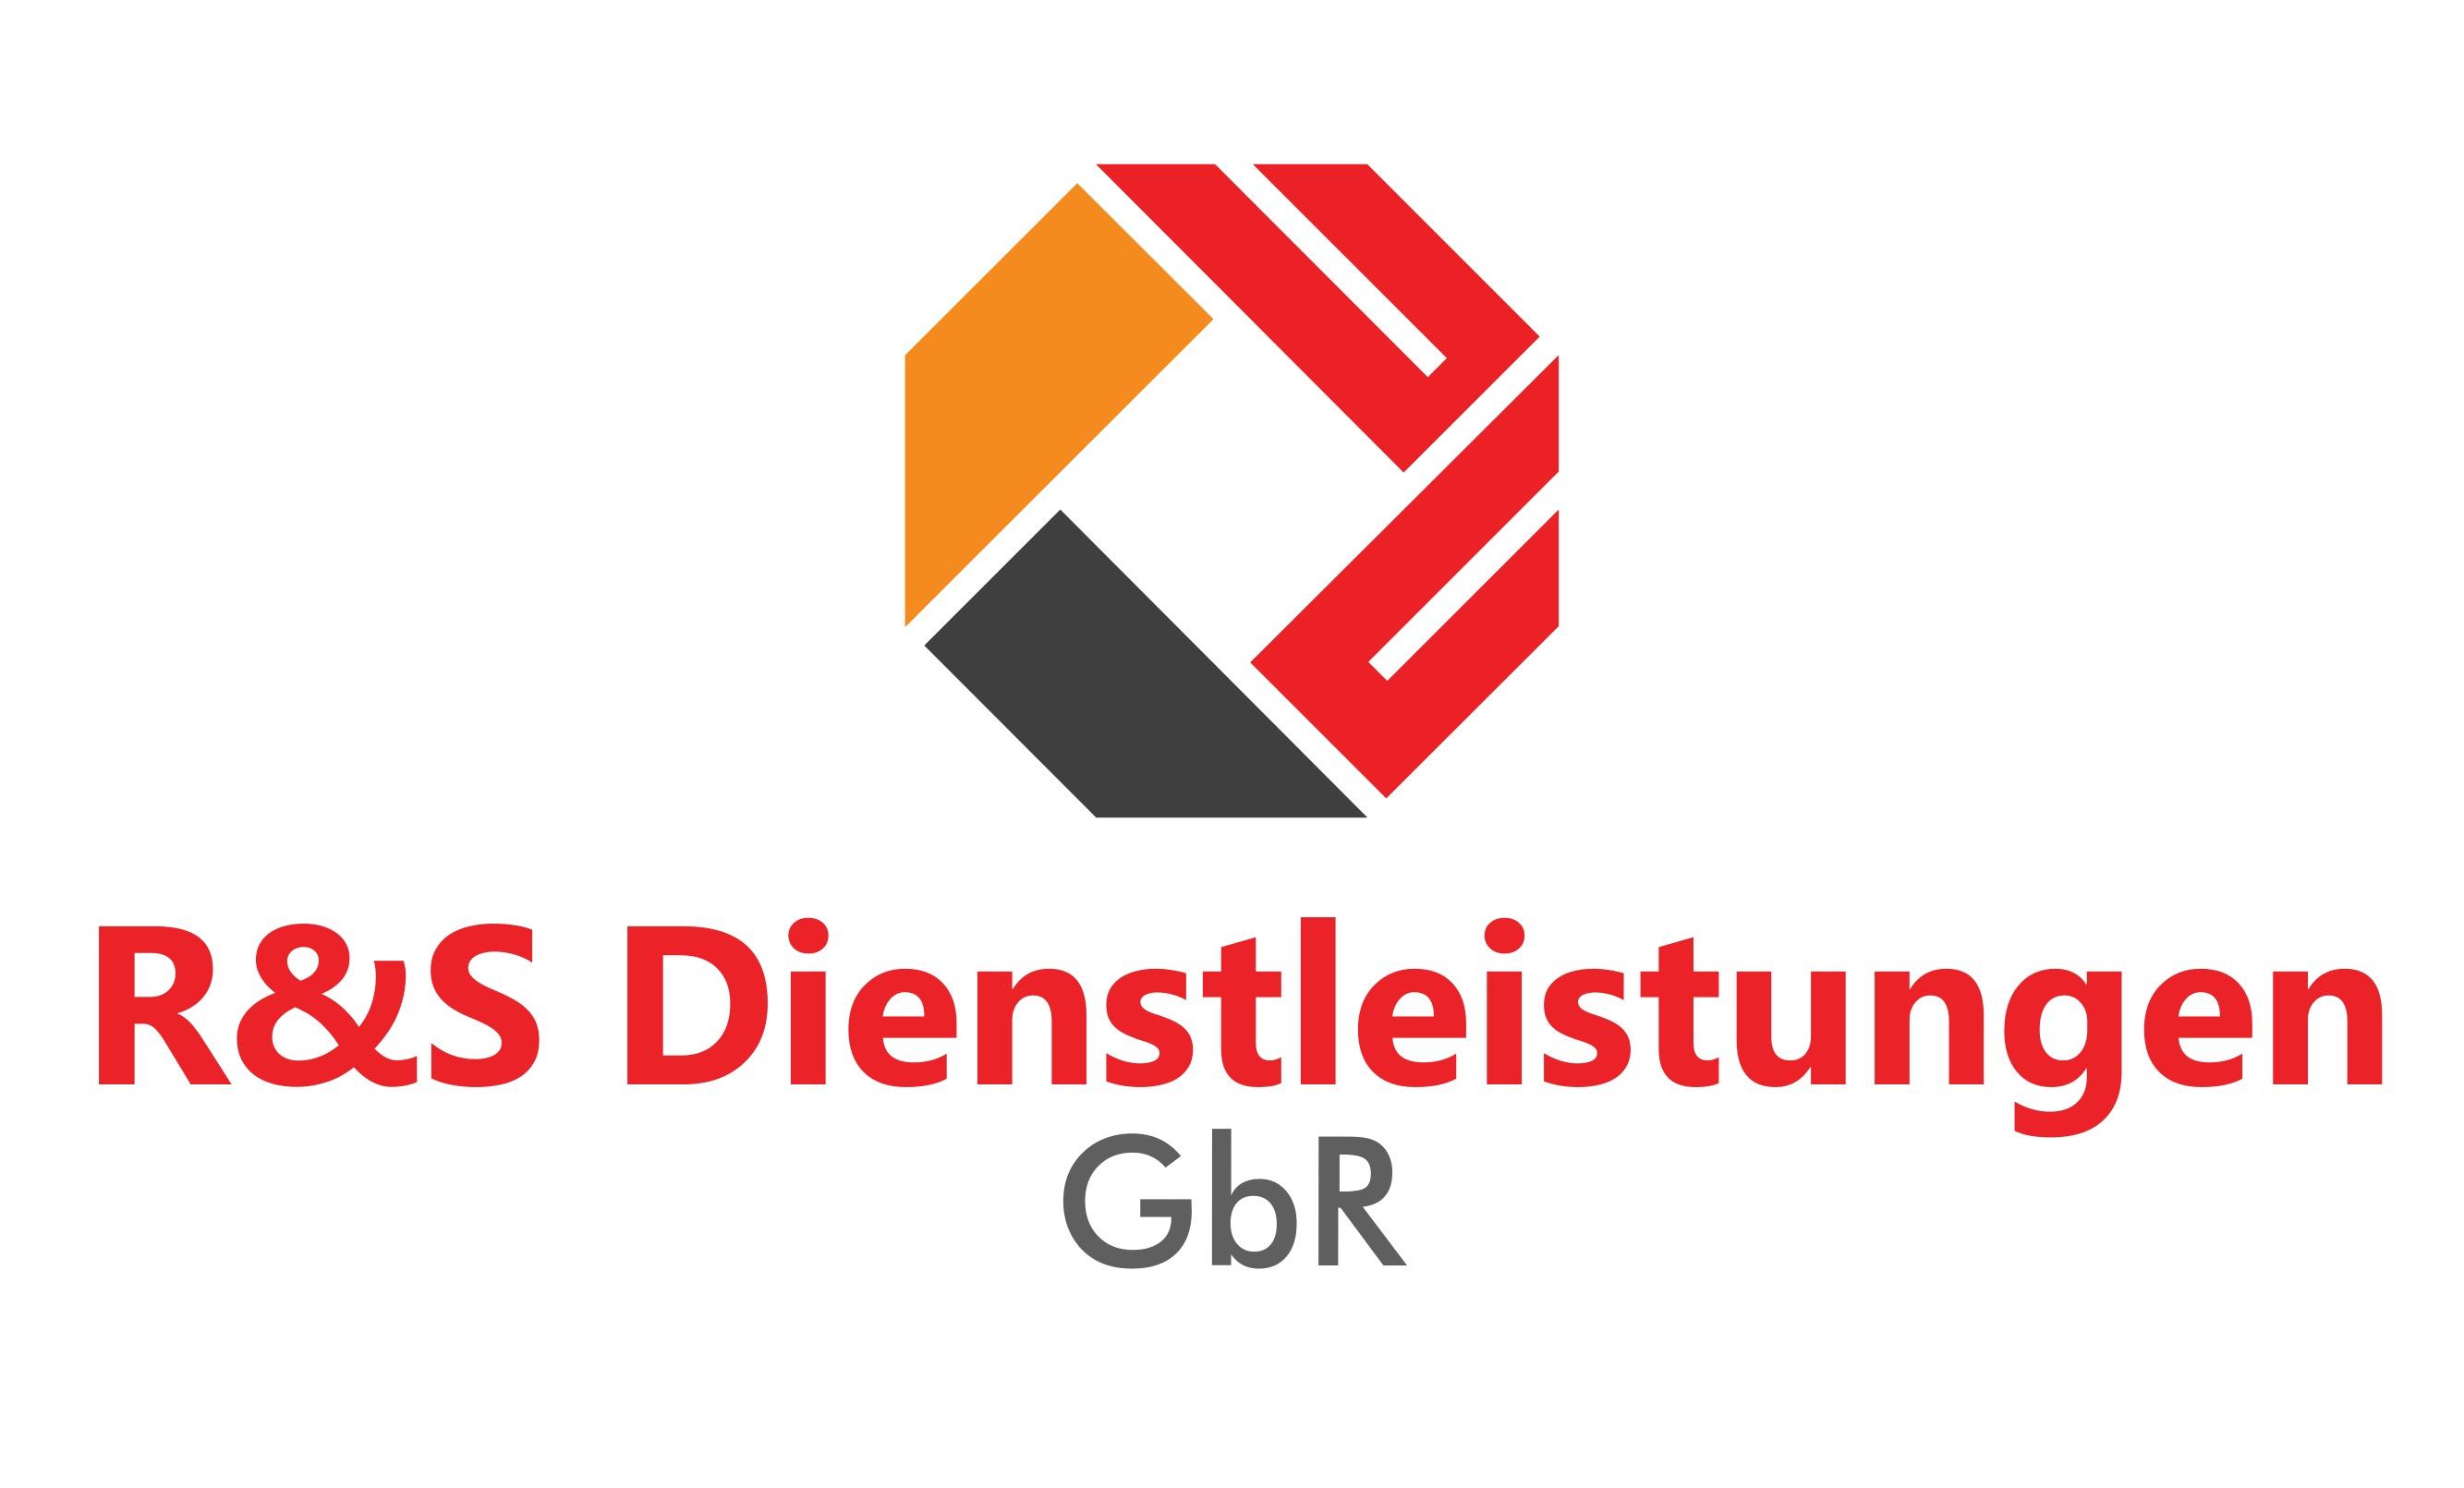 R&S Dienstleistungen GbR